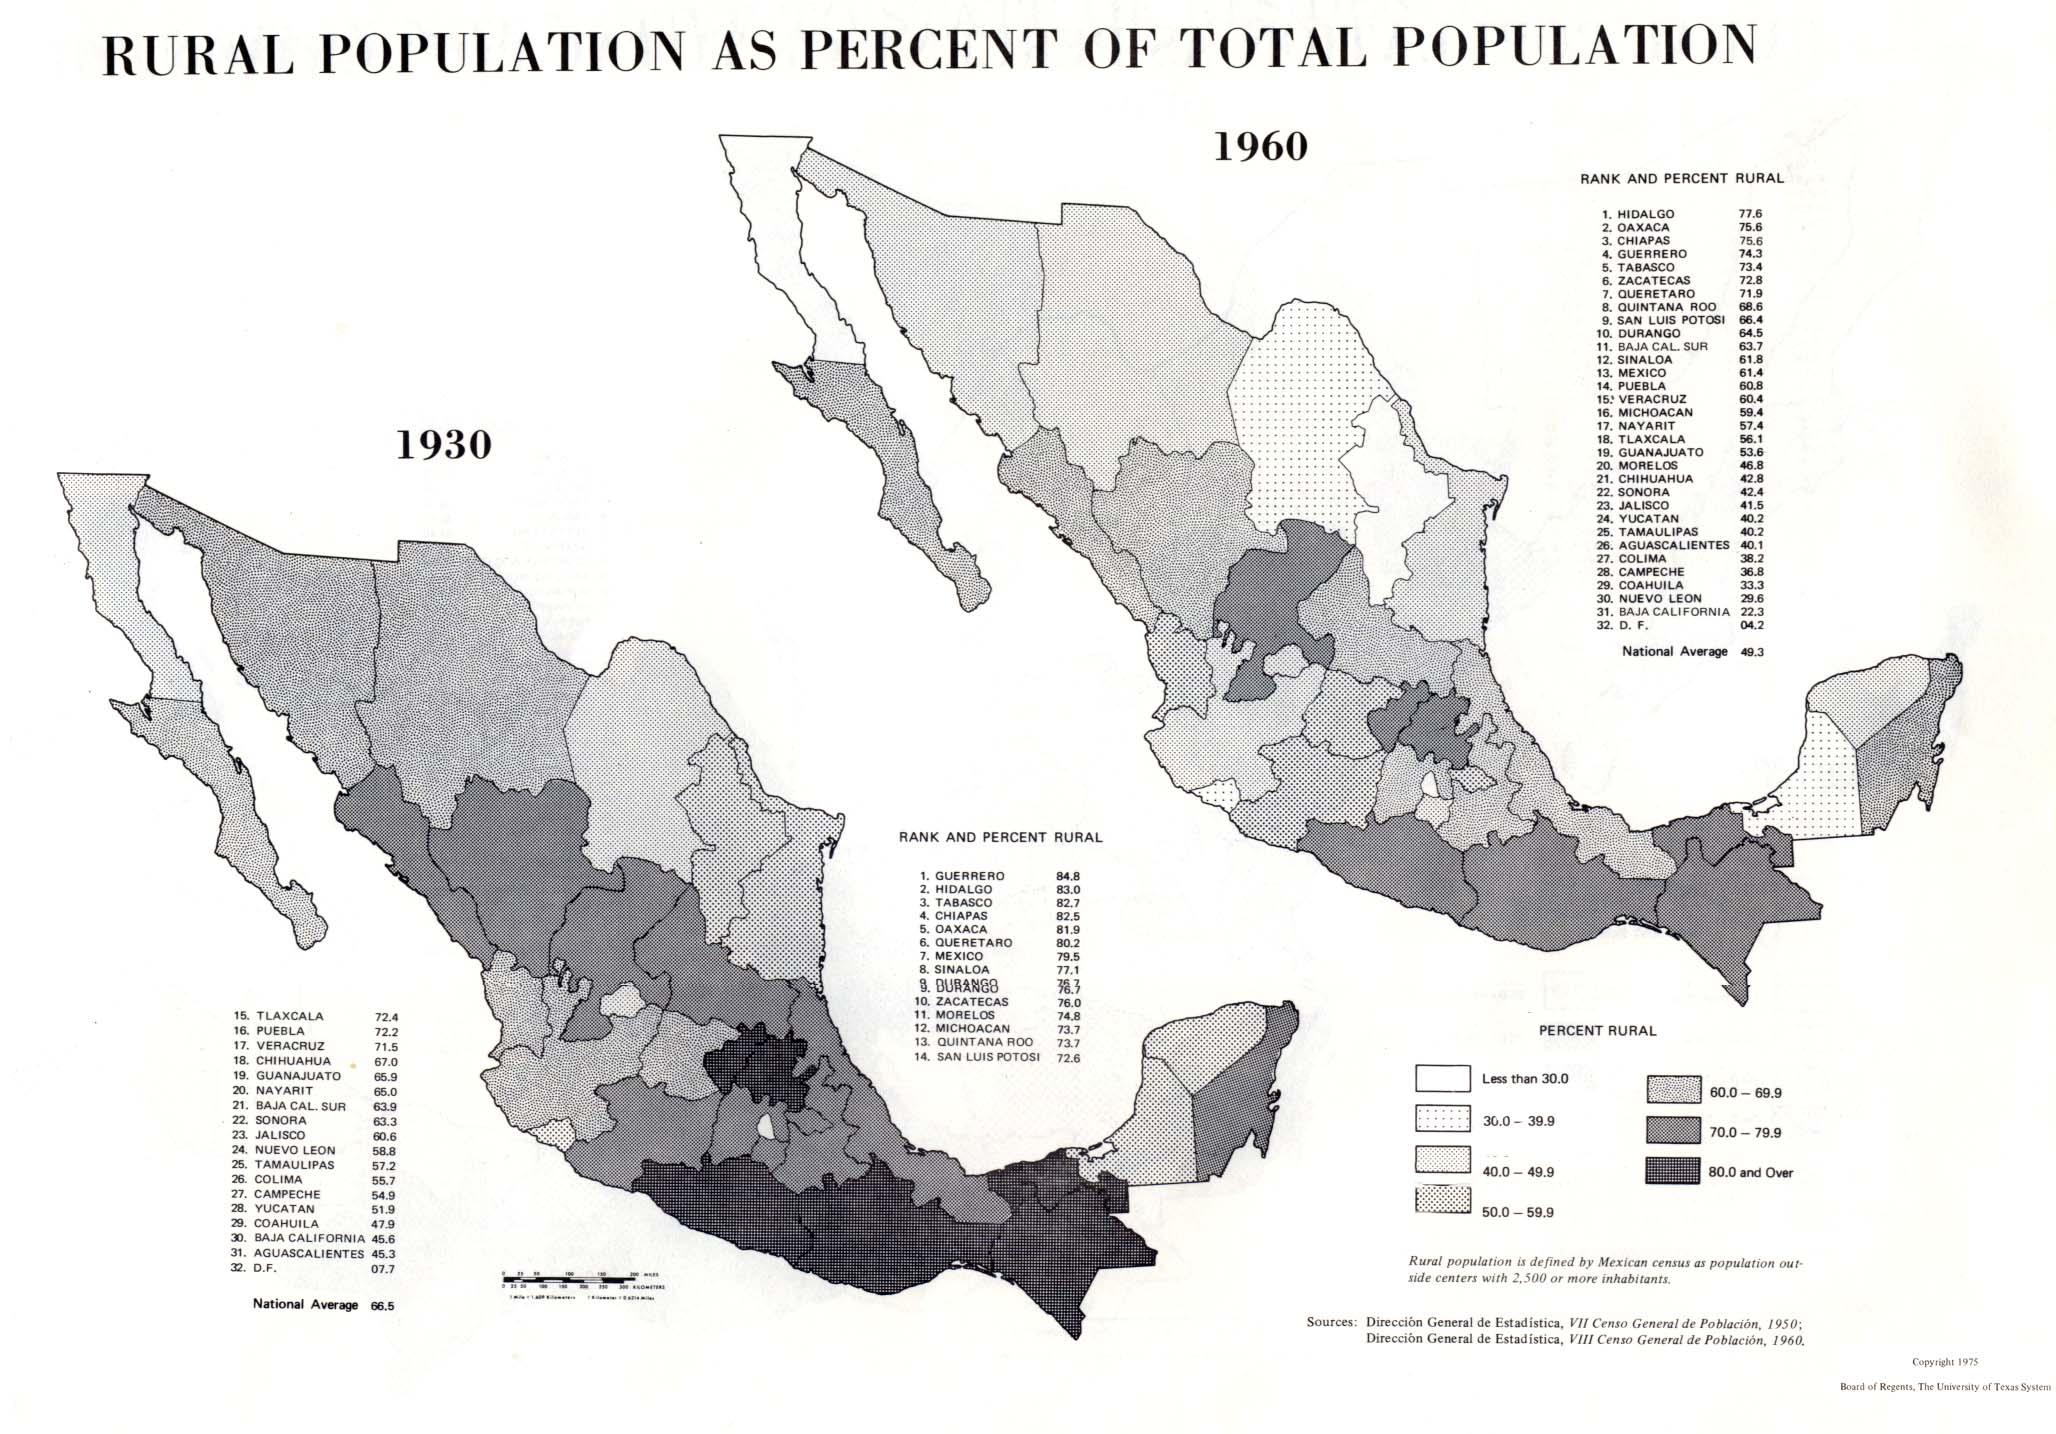 Mapa de la Población Rural como Porcentaje de la Población Total, México 1930, 1960